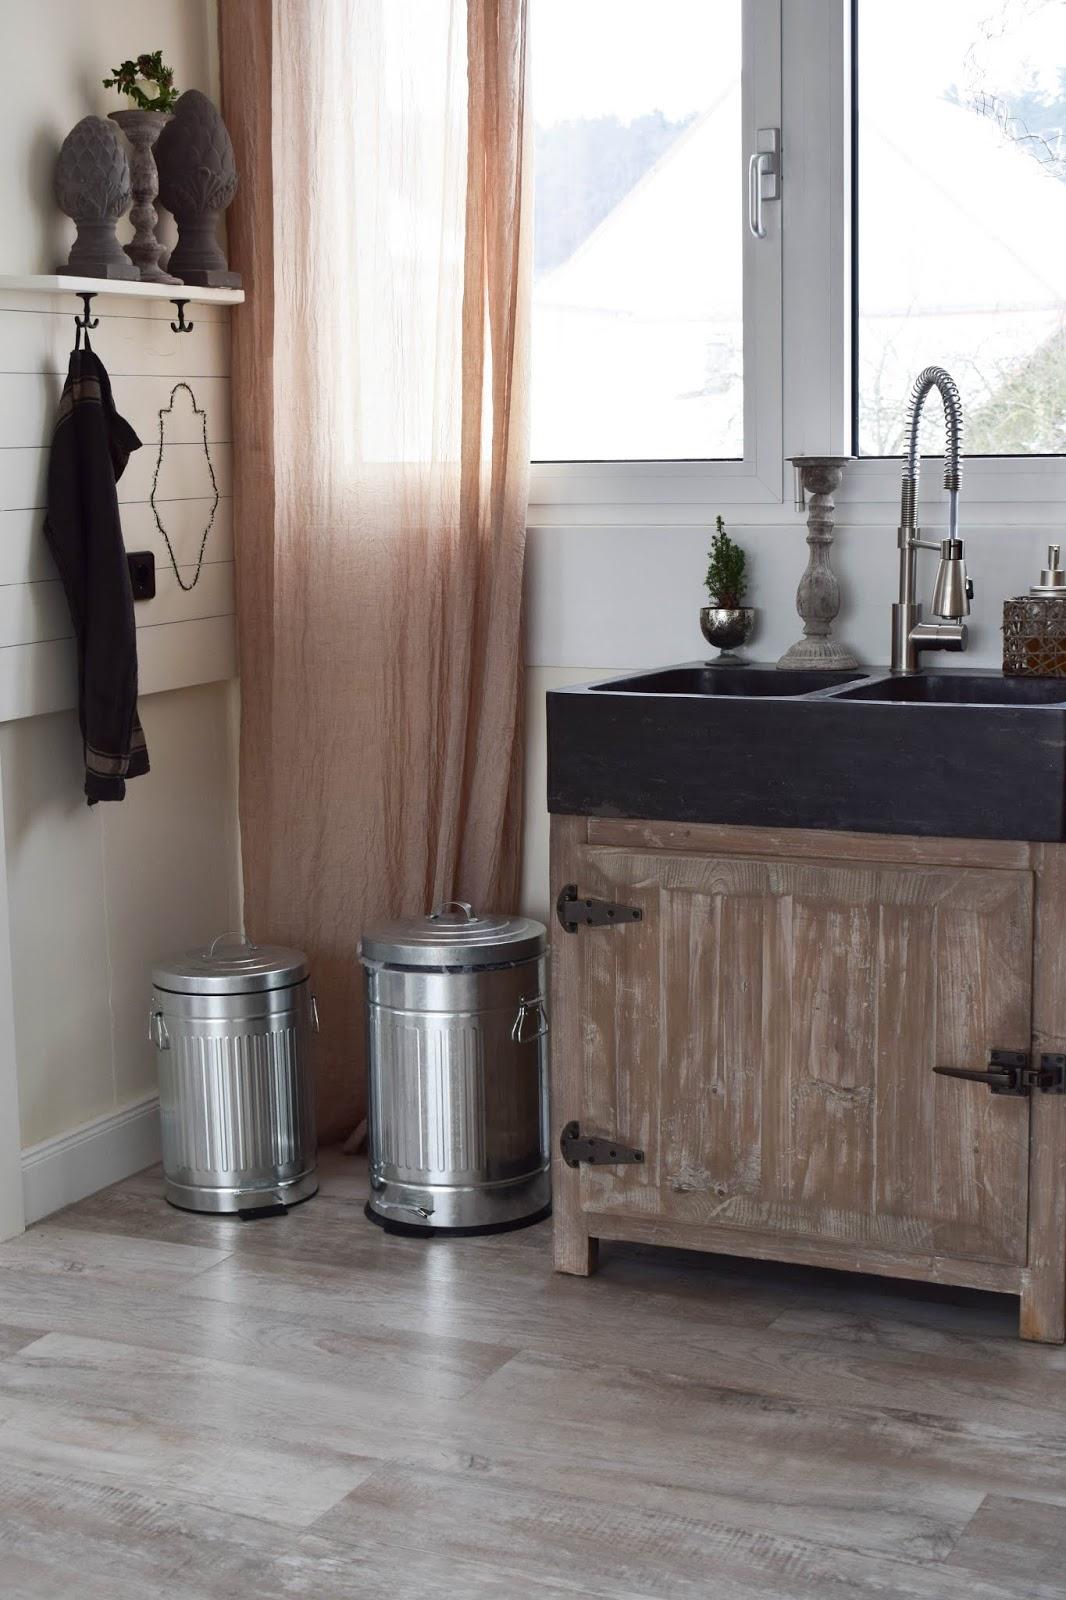 Küche: Ideen zur Einrichtung im Landhausstil. Einrichten, Deko und tolle Aufbewahrung